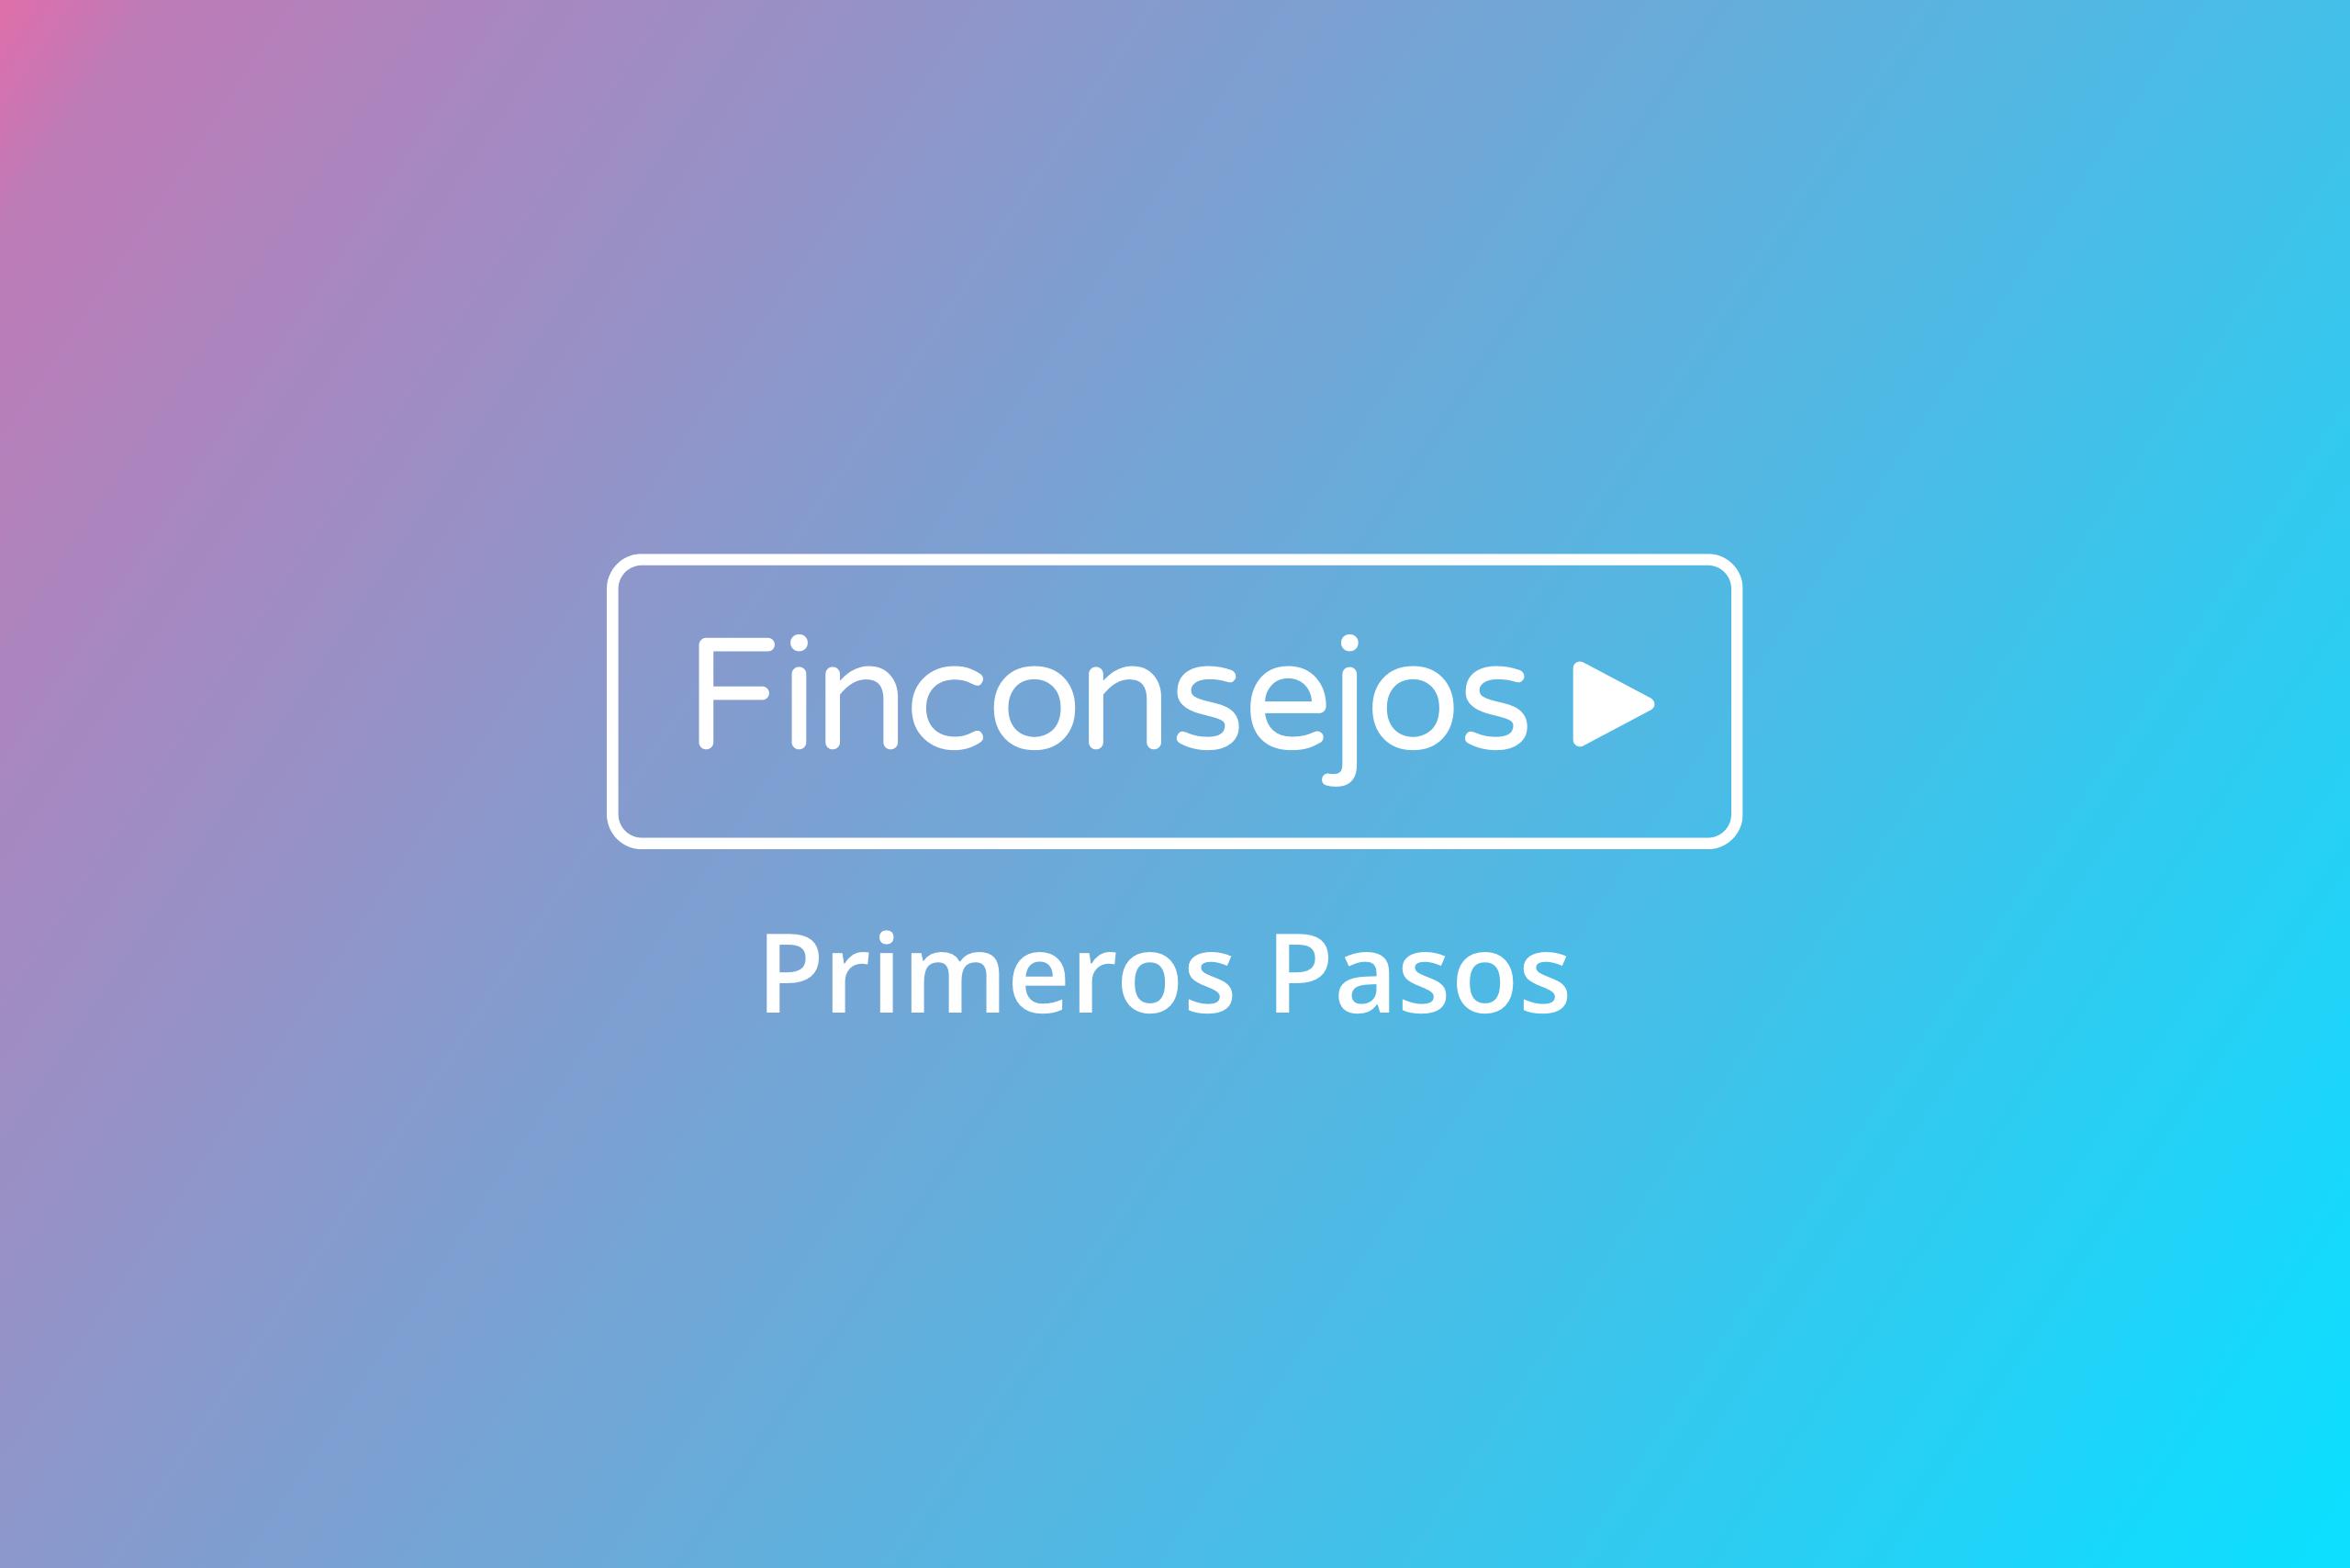 Los Finconsejos: Primeros pasos en Fintonic